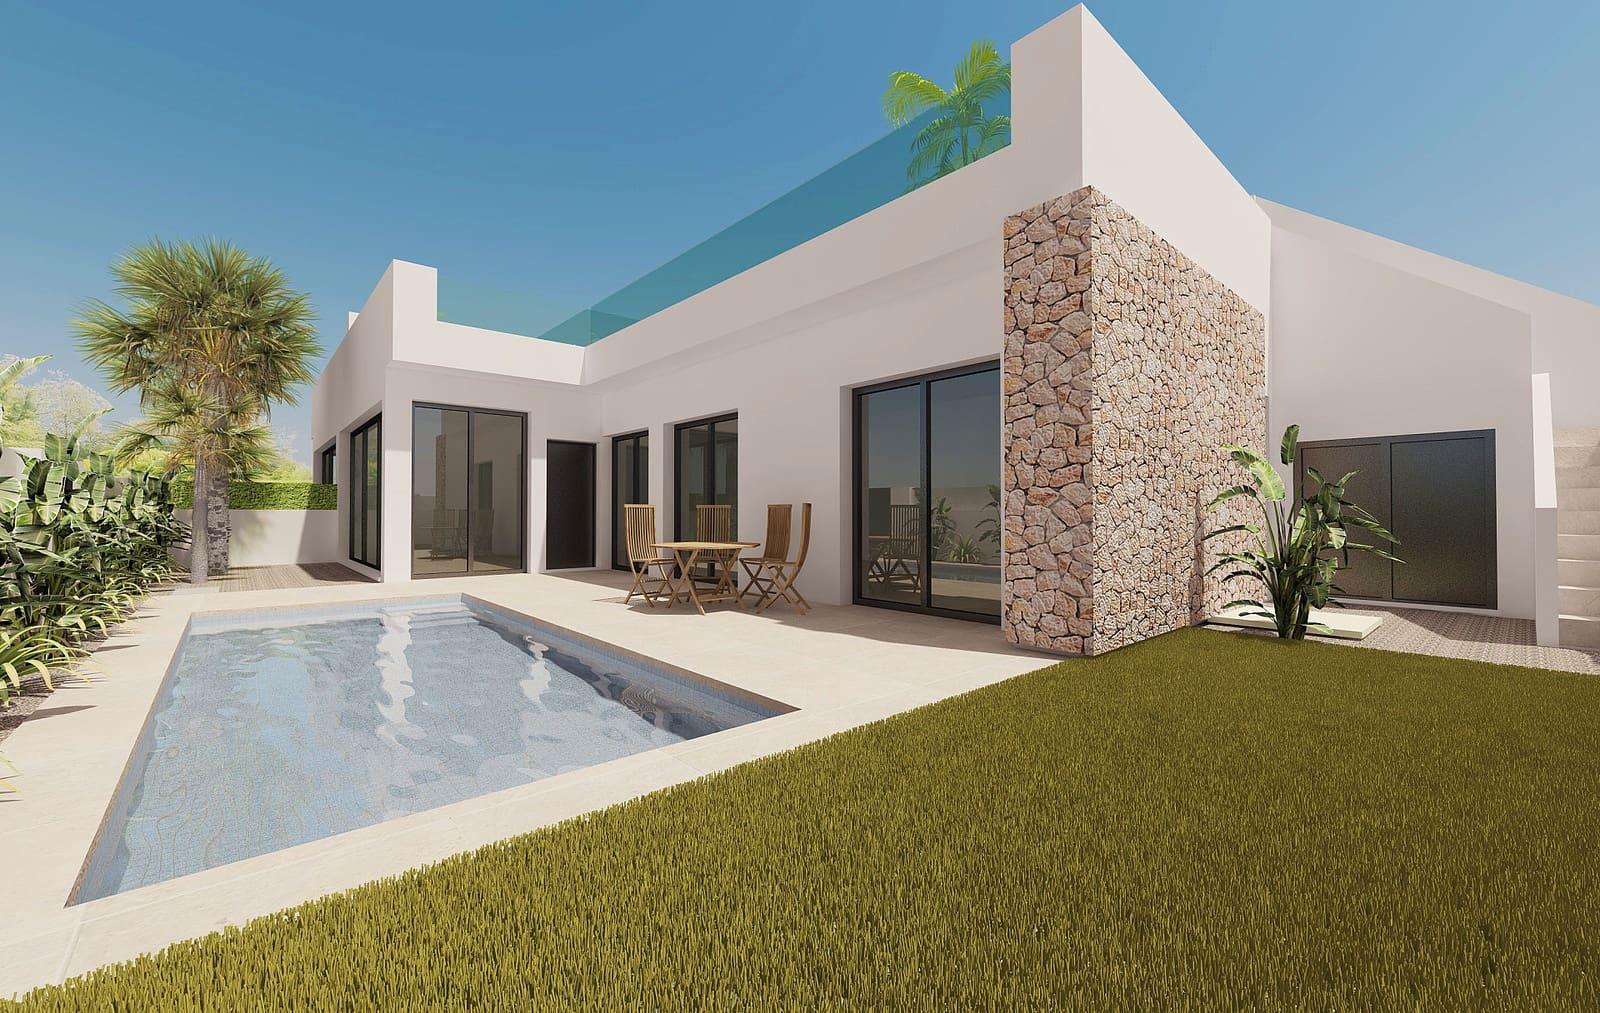 Chalet de 2 habitaciones en Pilar de la Horadada en venta - 204.900 € (Ref: 4535289)